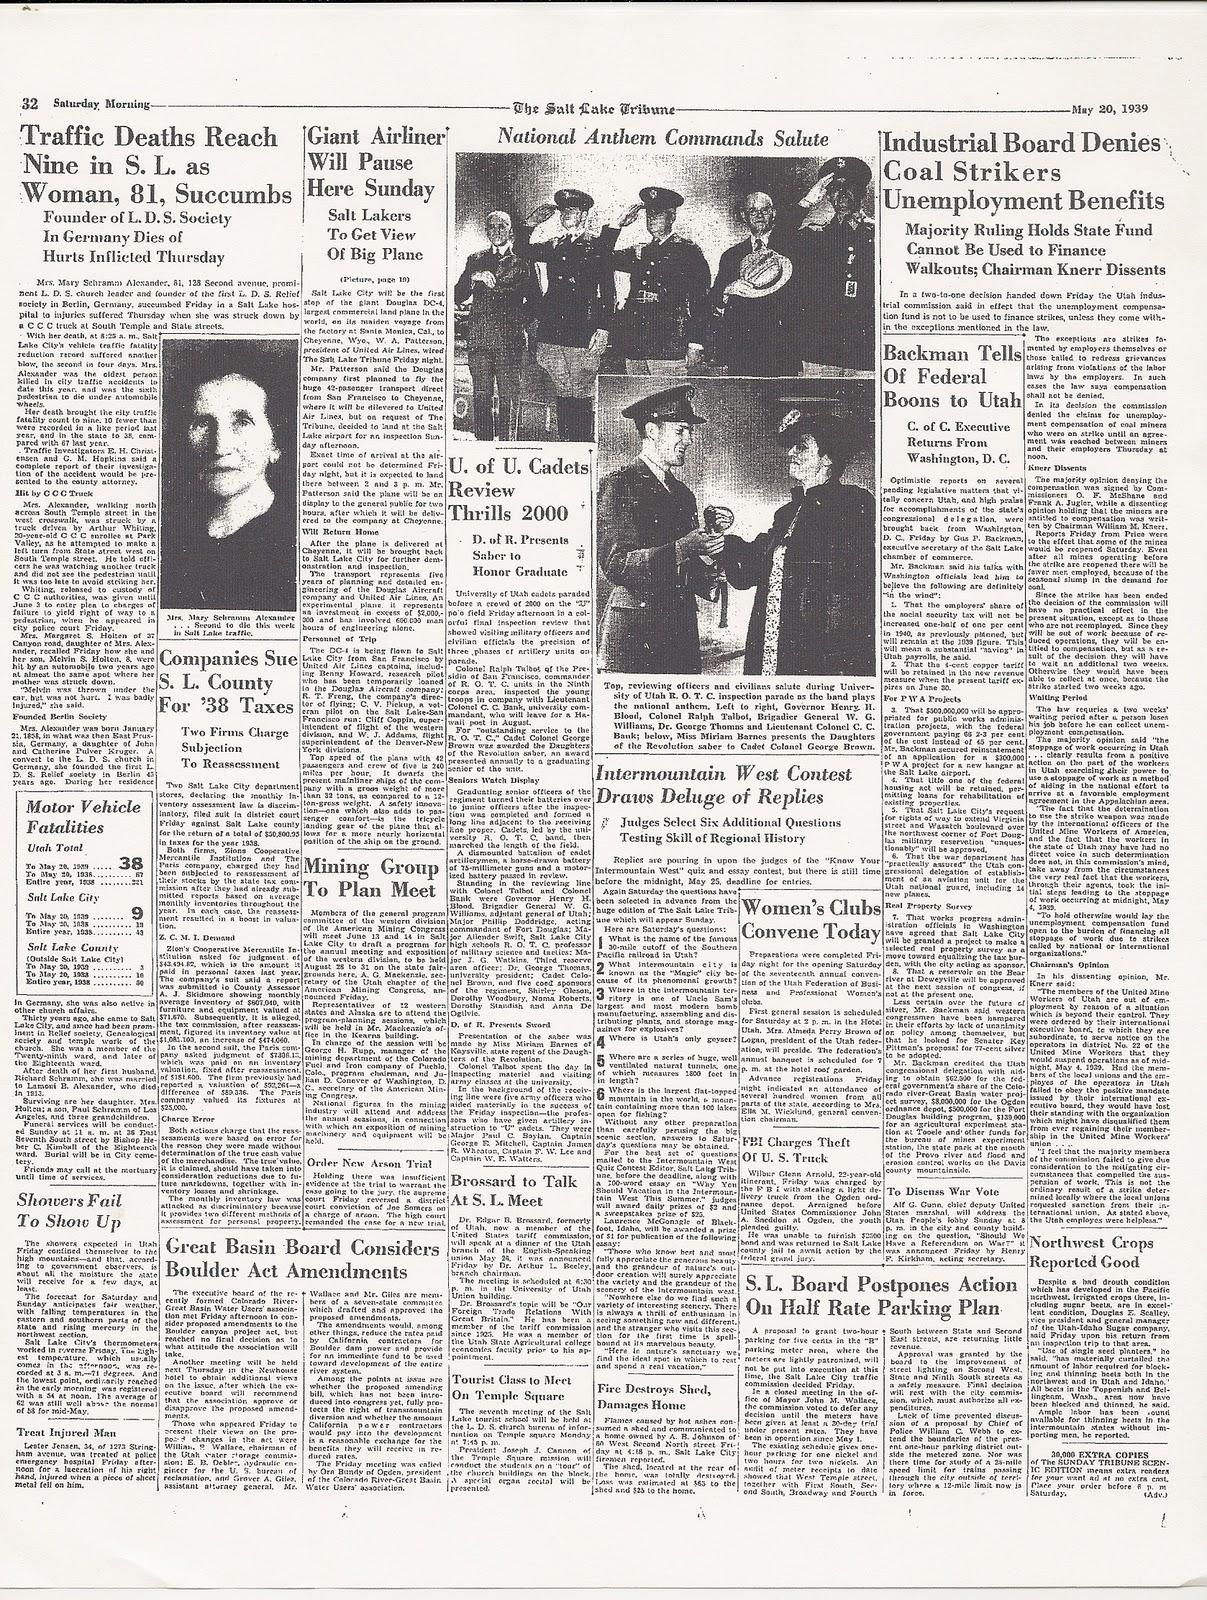 http://3.bp.blogspot.com/-jTmRf2LzBKI/Tx7ALV9xSXI/AAAAAAAAAKs/zXPqEsbKINU/s1600/Maria+Kruger+Schramm+Alexander+Death+announcement+SLC+Tribune+Sat+May+20+1939..jpg